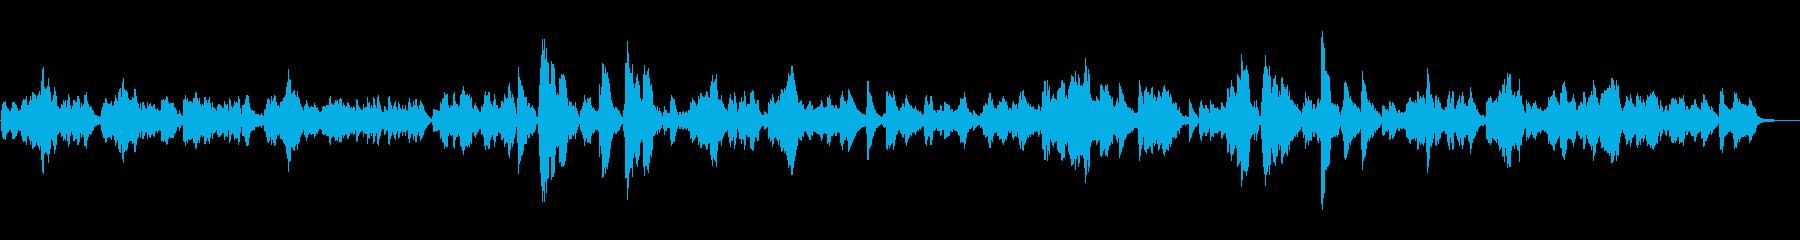 シシリエンヌ/フォーレ (フルート)の再生済みの波形